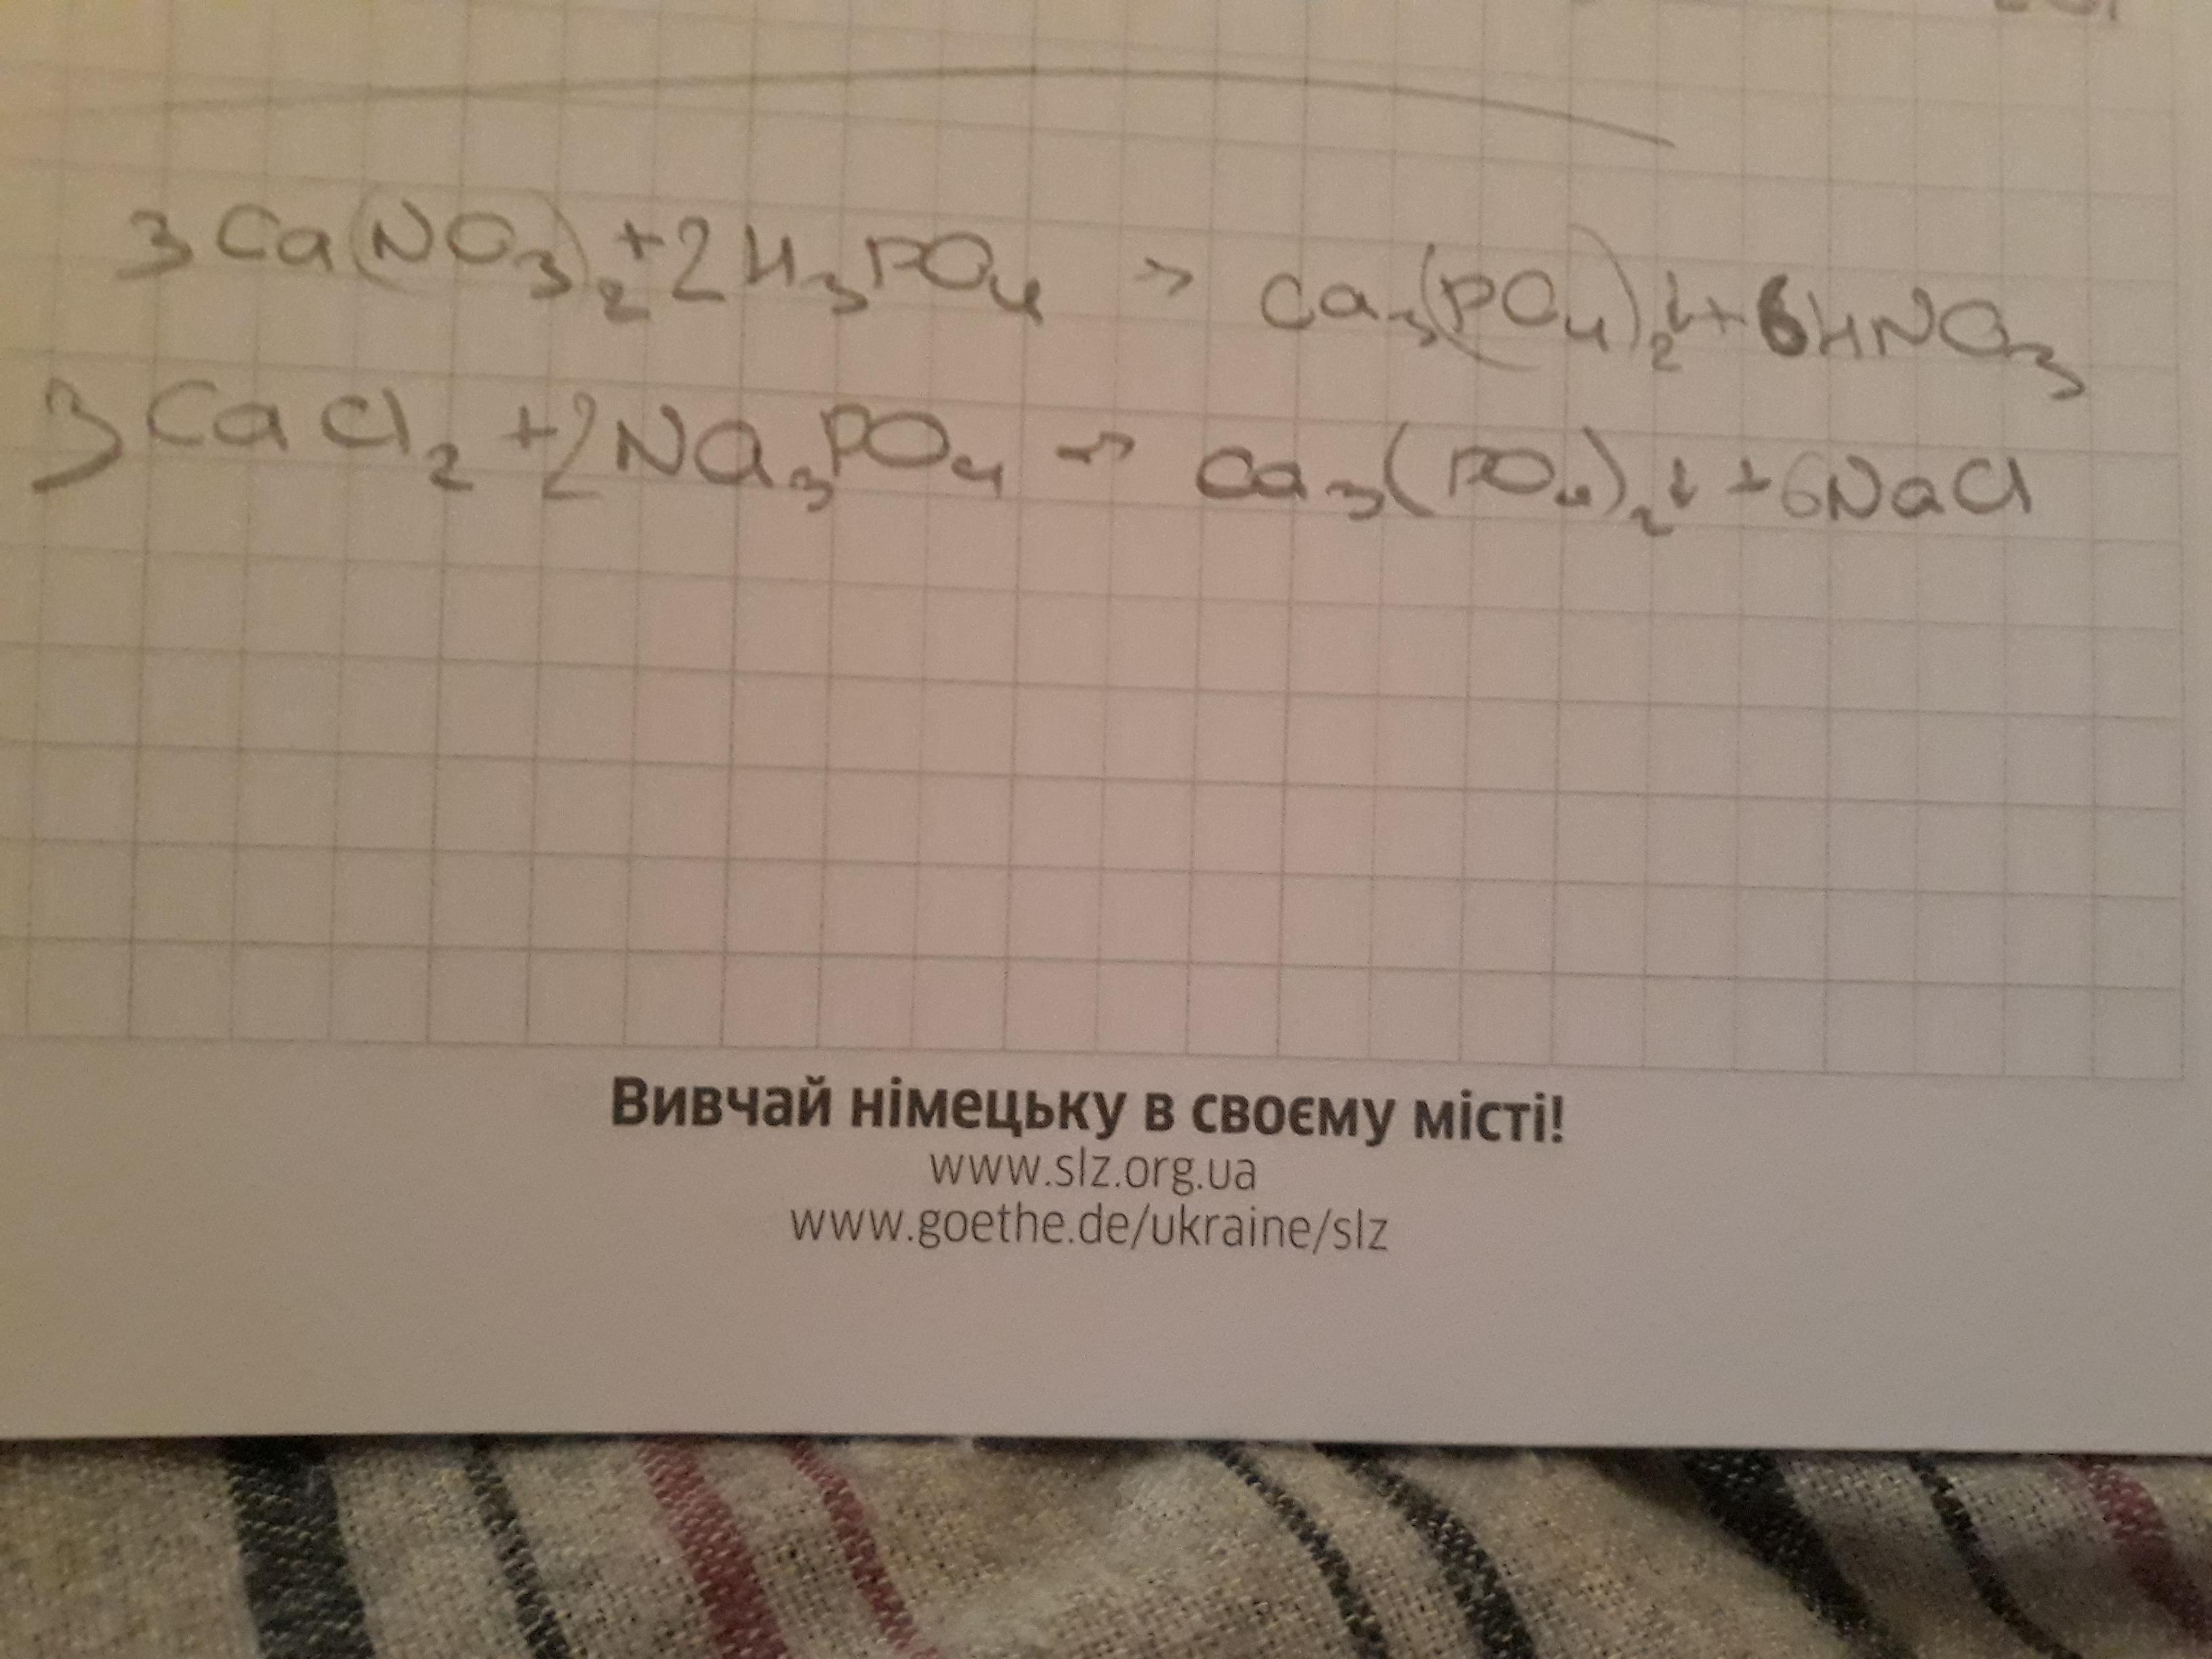 26. Складіть два молекулярних рівняння реакції,